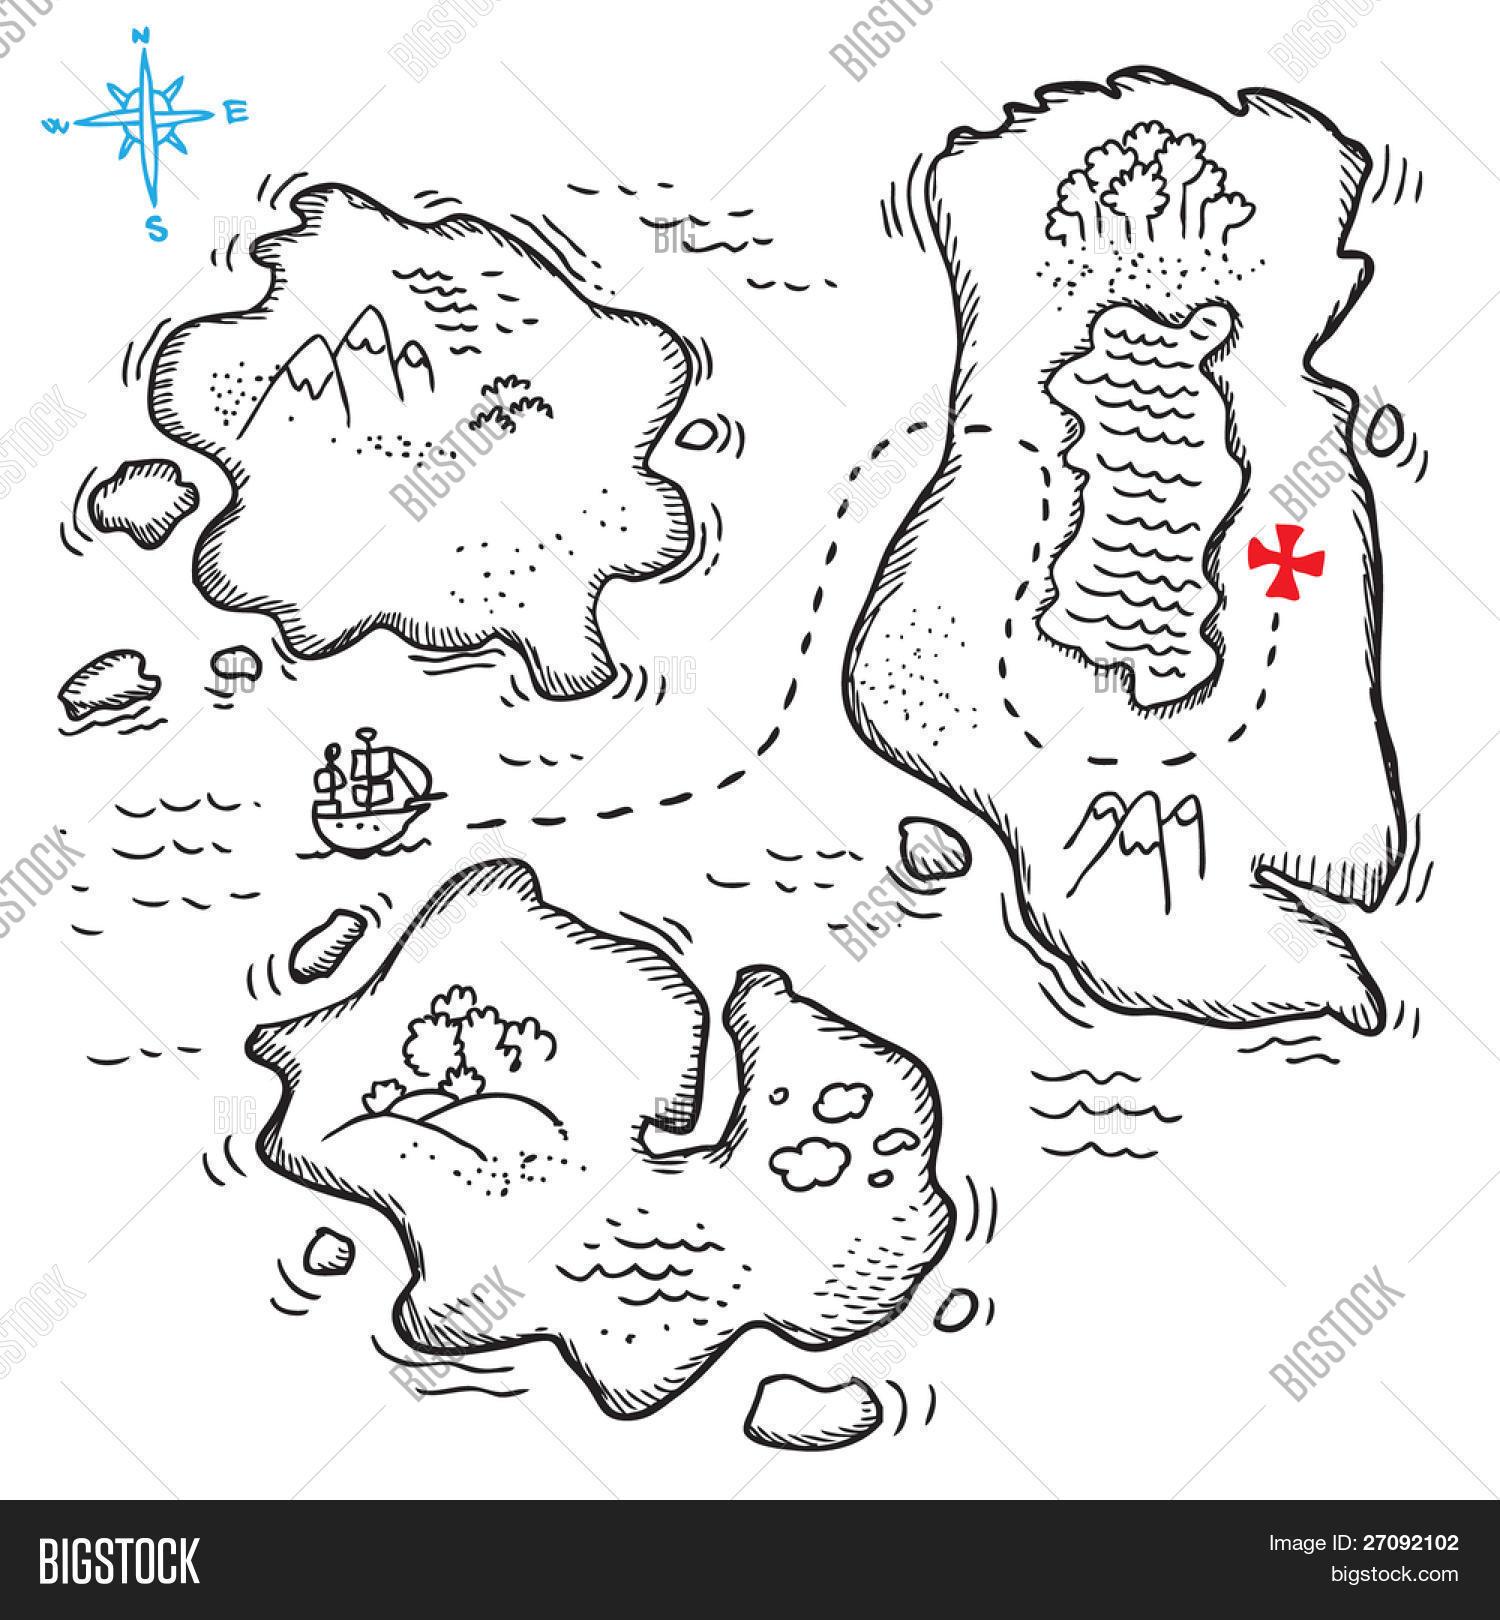 Как рисовать схем карты